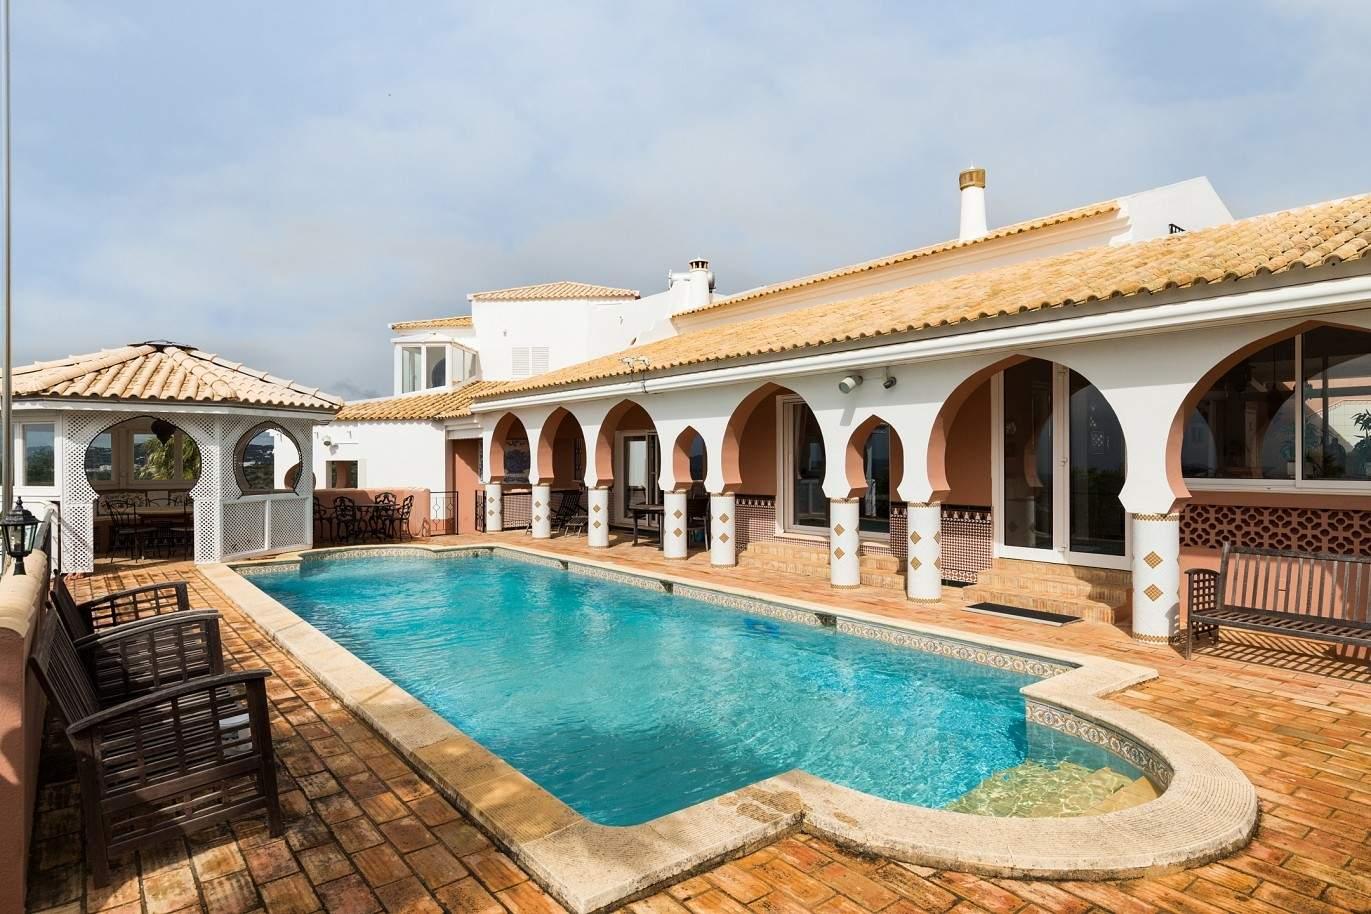 moradia-a-venda-com-piscina-terraco-e-vista-mar-faro-algarve